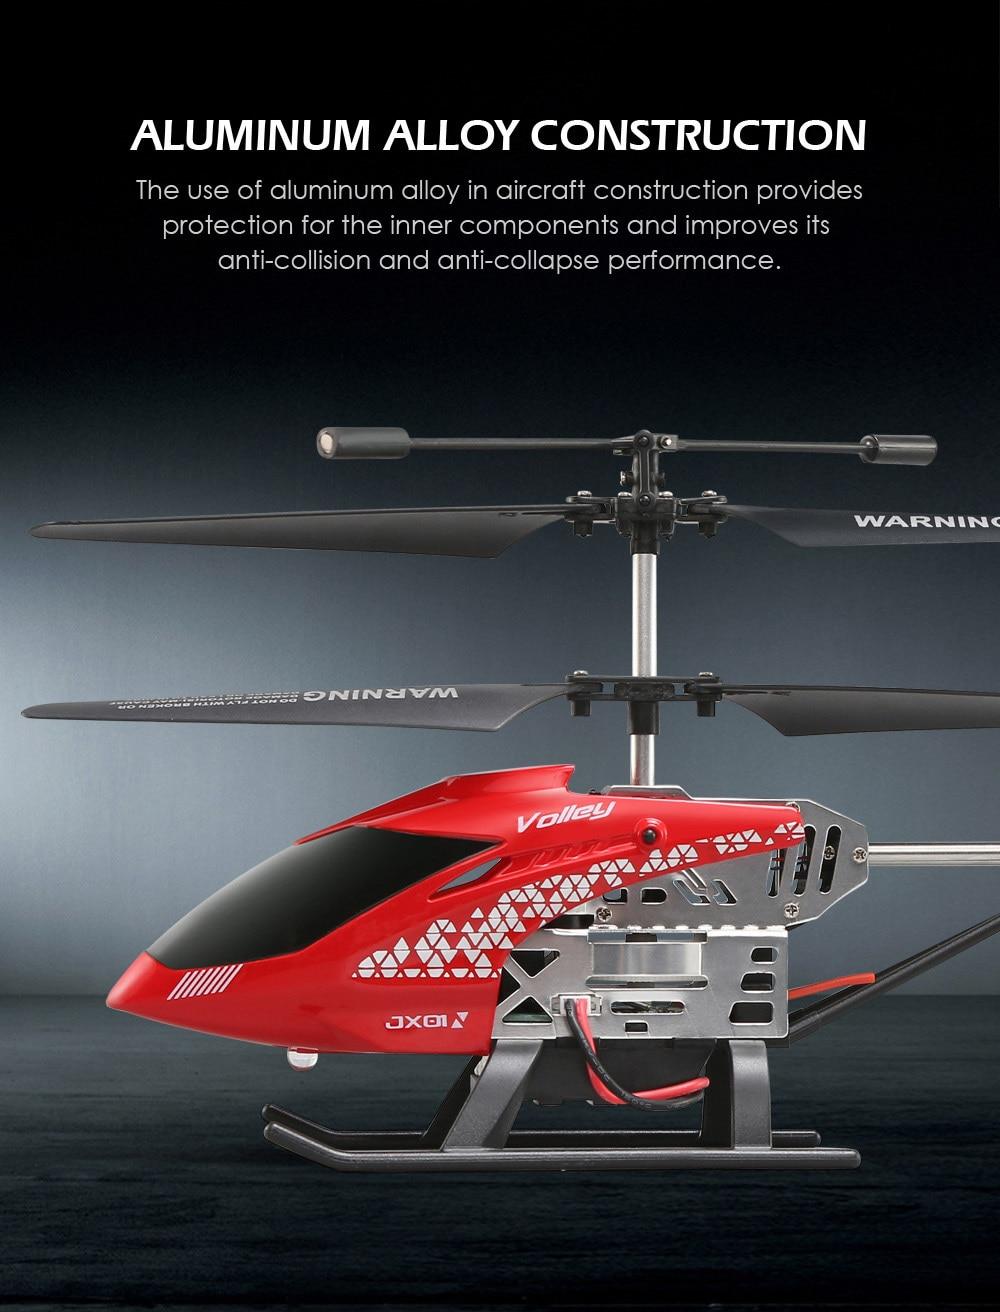 今週の割引 ヘリコプターバロメーター高度ホールドと強力なパワーアルミ合金建設ラジオコントロール ドローンライトギフト Rc 3